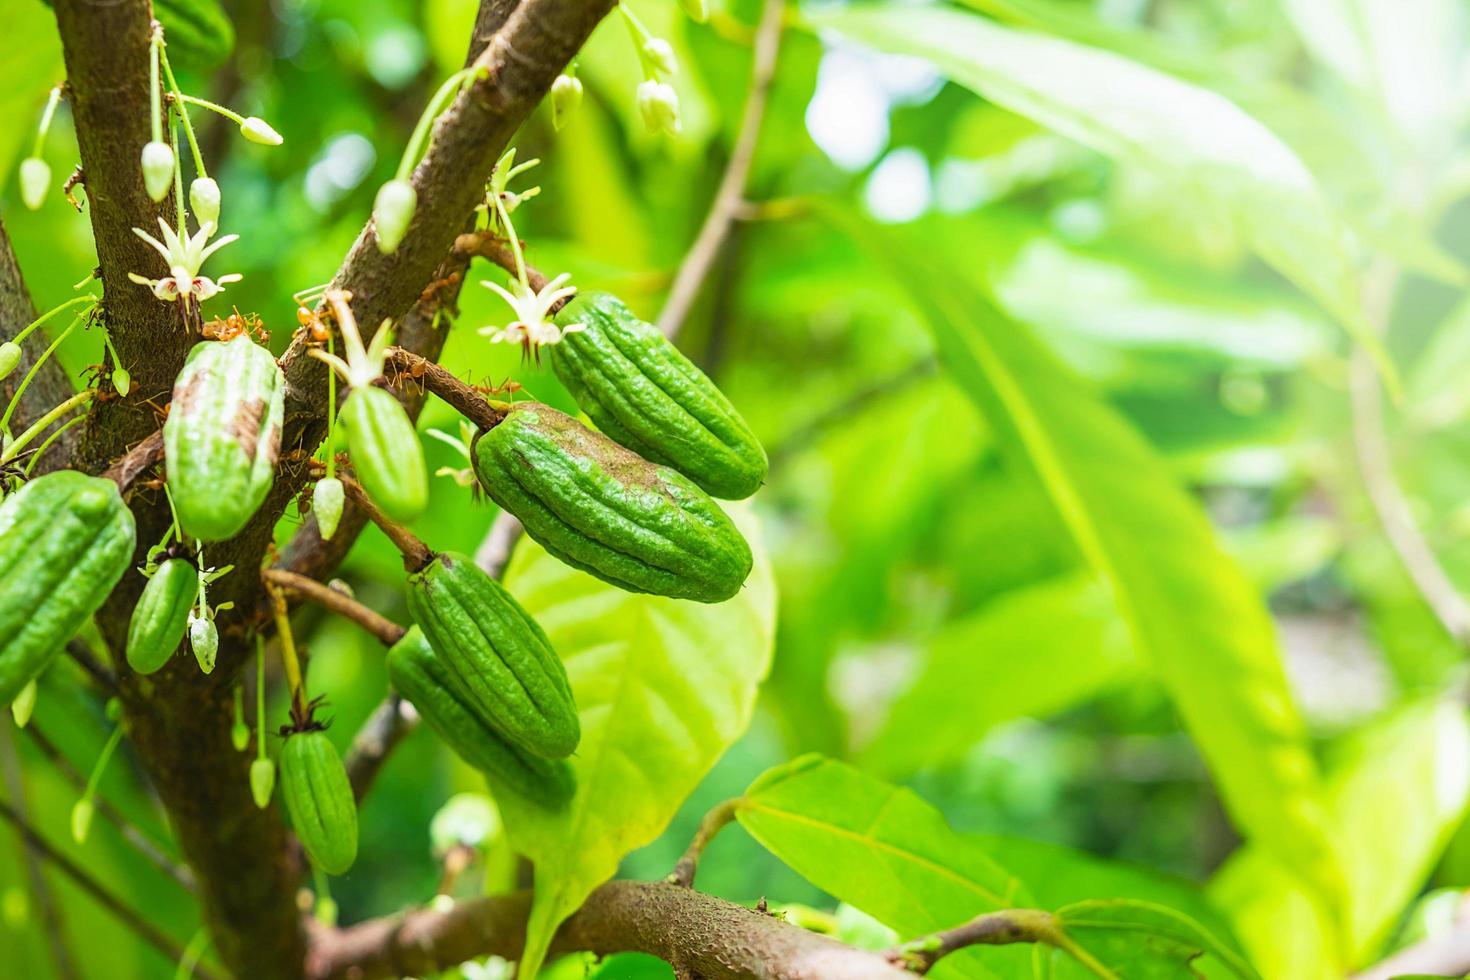 fruit de cacao sur une branche d & # 39; arbre photo